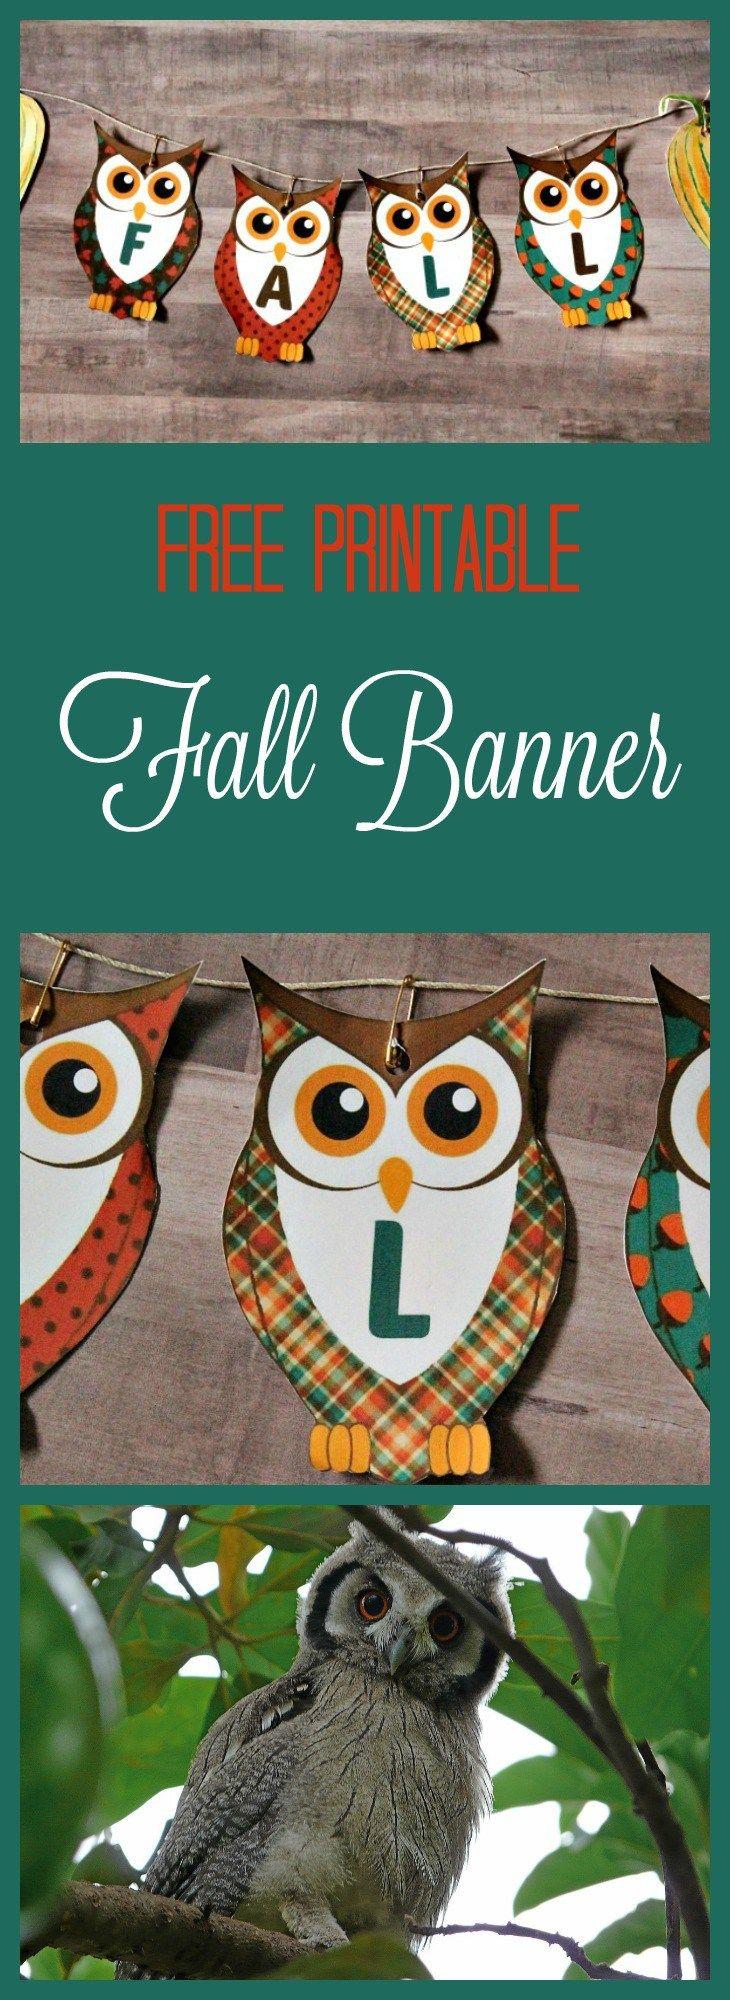 Free Printable Banners, Fall Banner,,printable banner